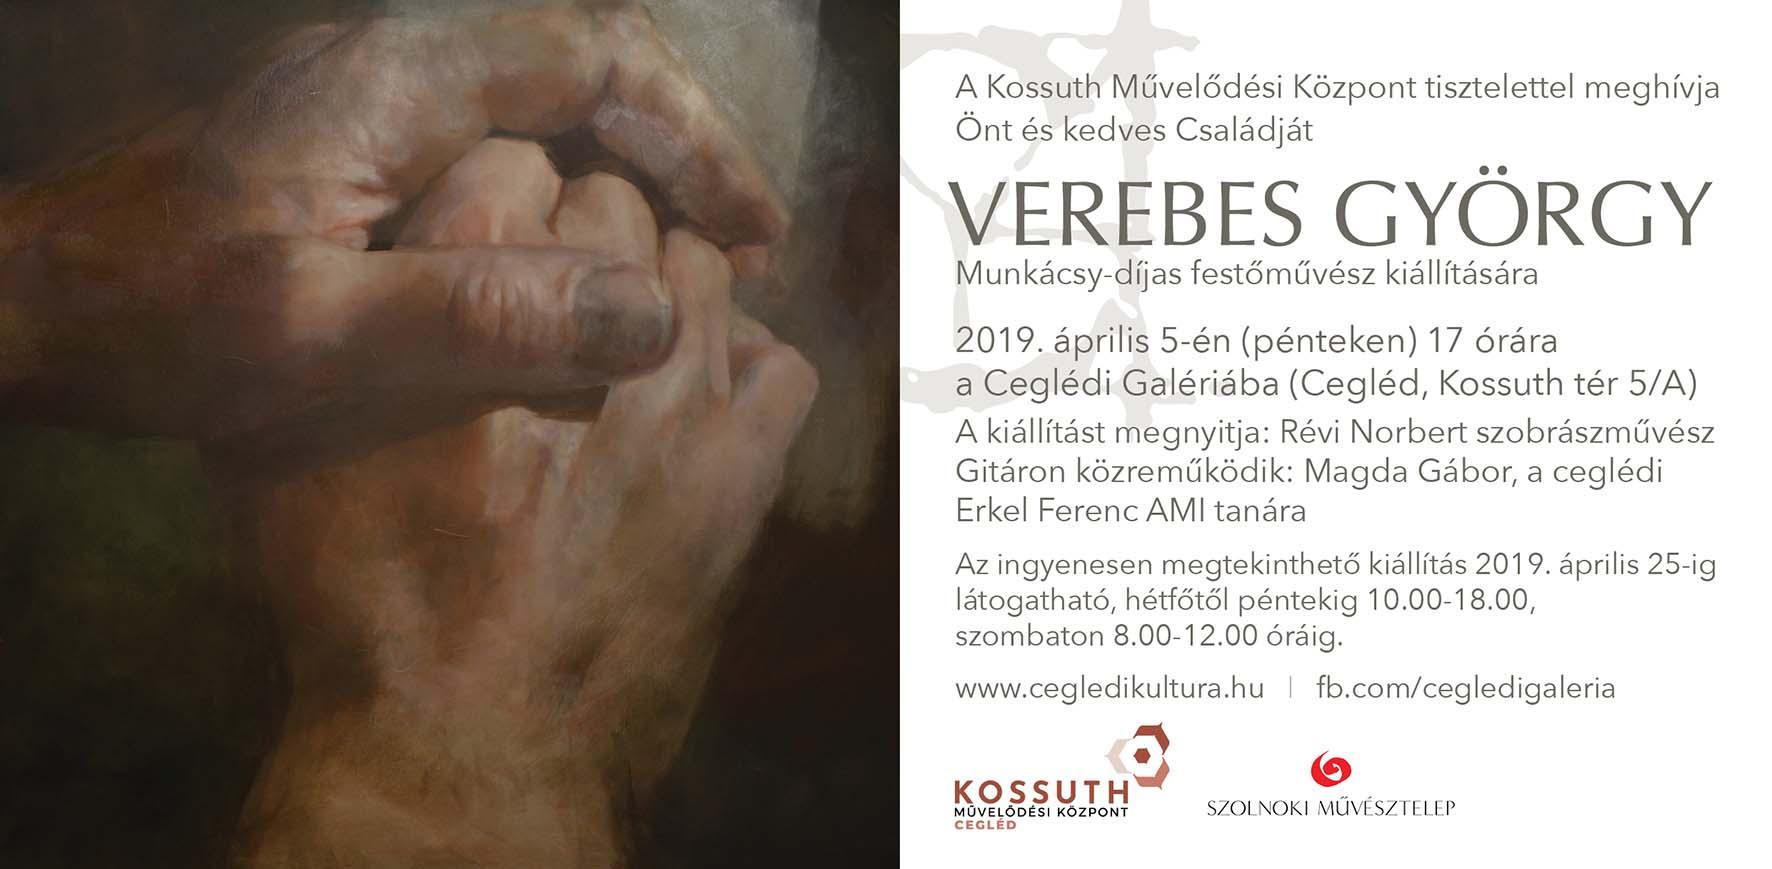 Verebes György kiállítása a Ceglédi Galériában